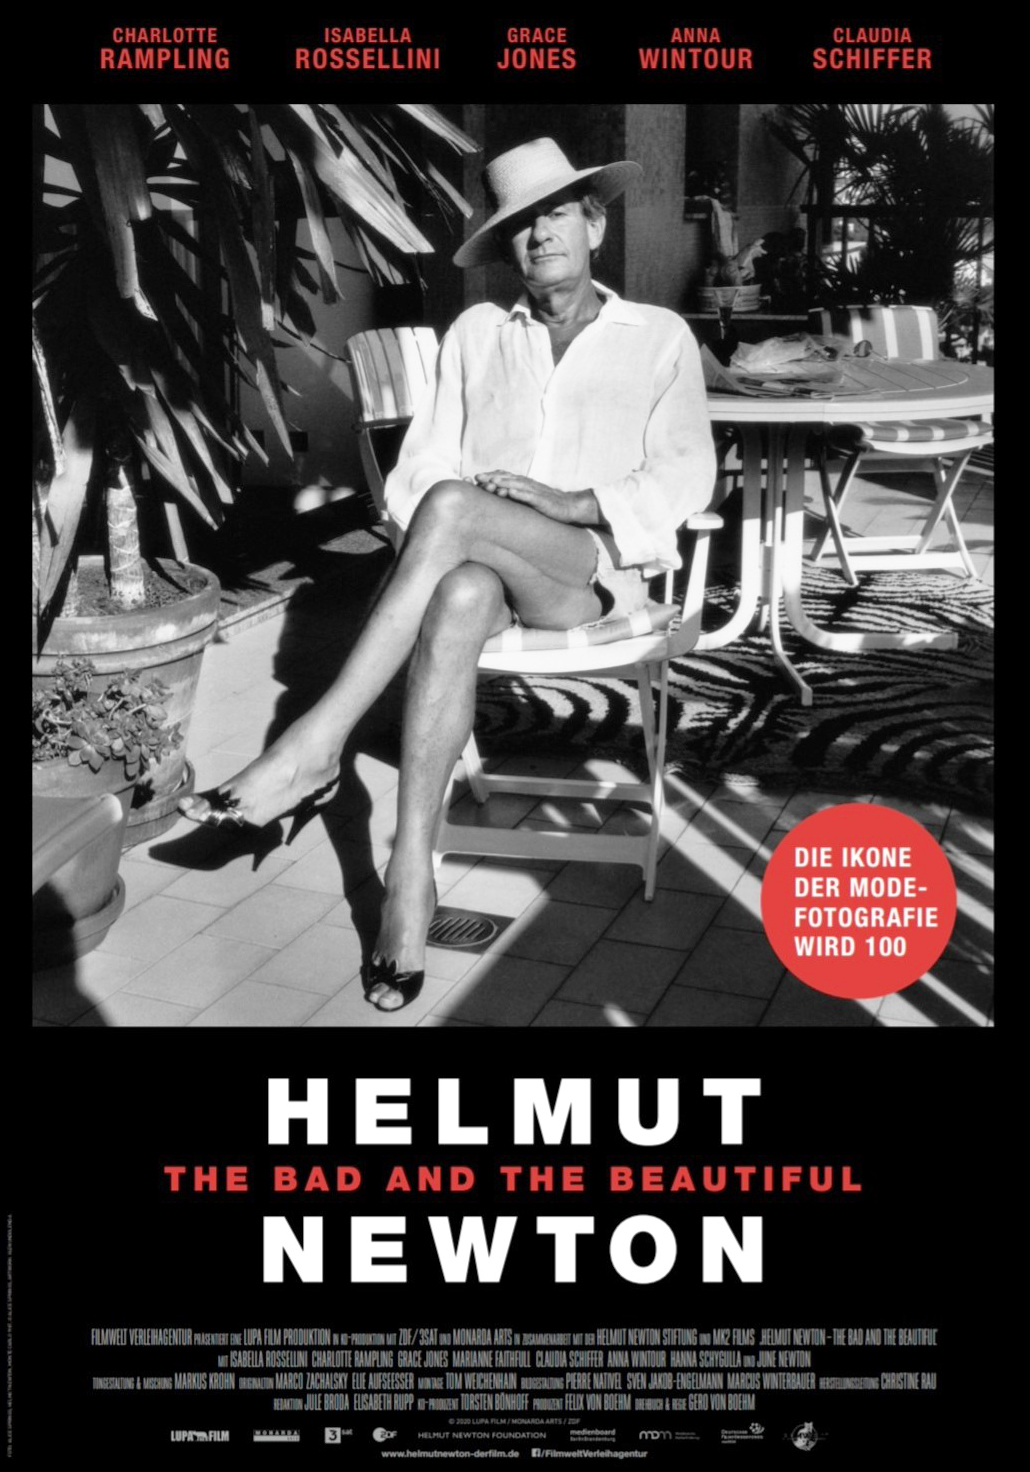 helmut newton belgeseli online erişime açıldı